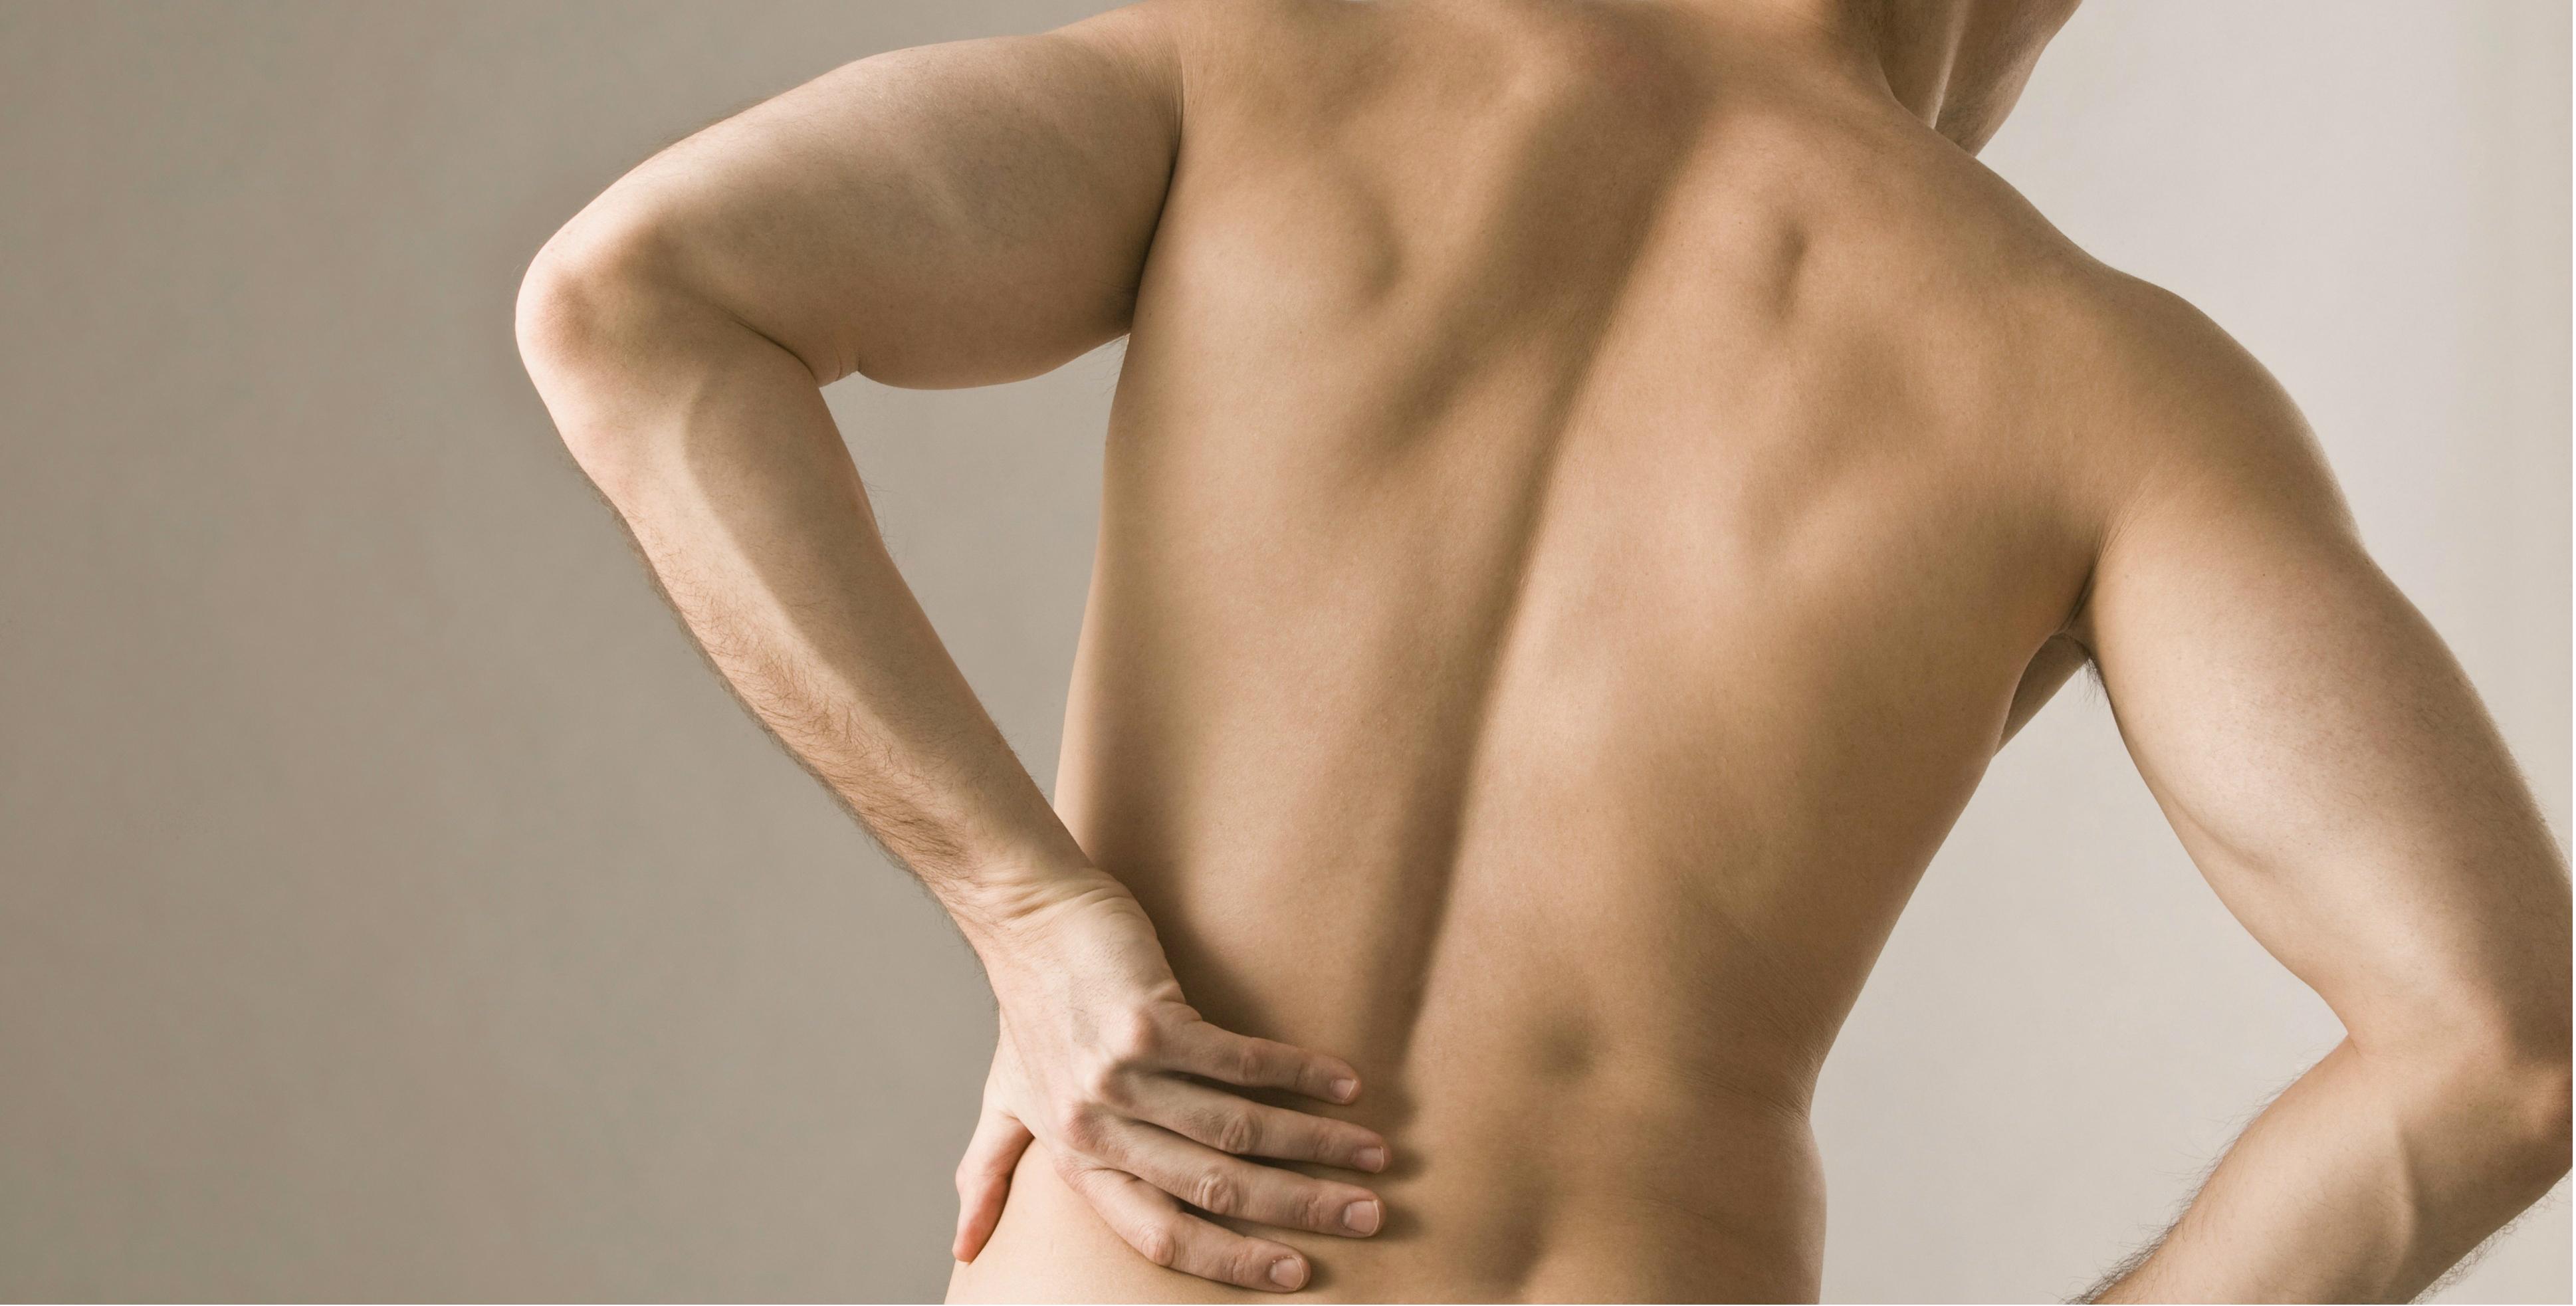 durere lombara partea stanga unguent împotriva artrozei articulației umărului